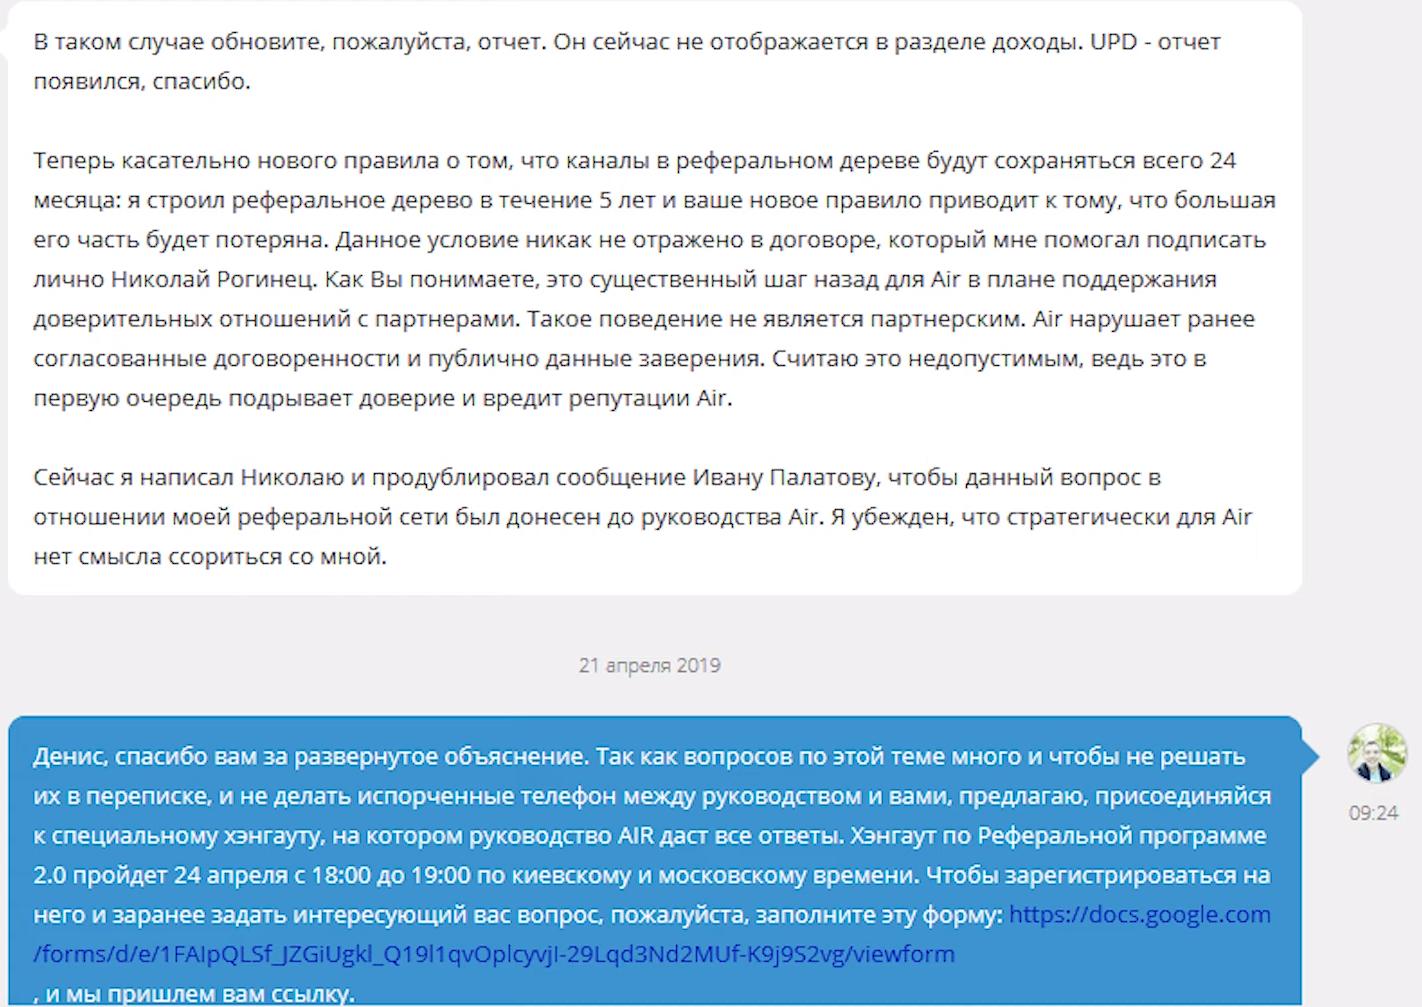 dogovor air razvod5 - Медиасеть Air. Отзывы и факты о партнёрке Air